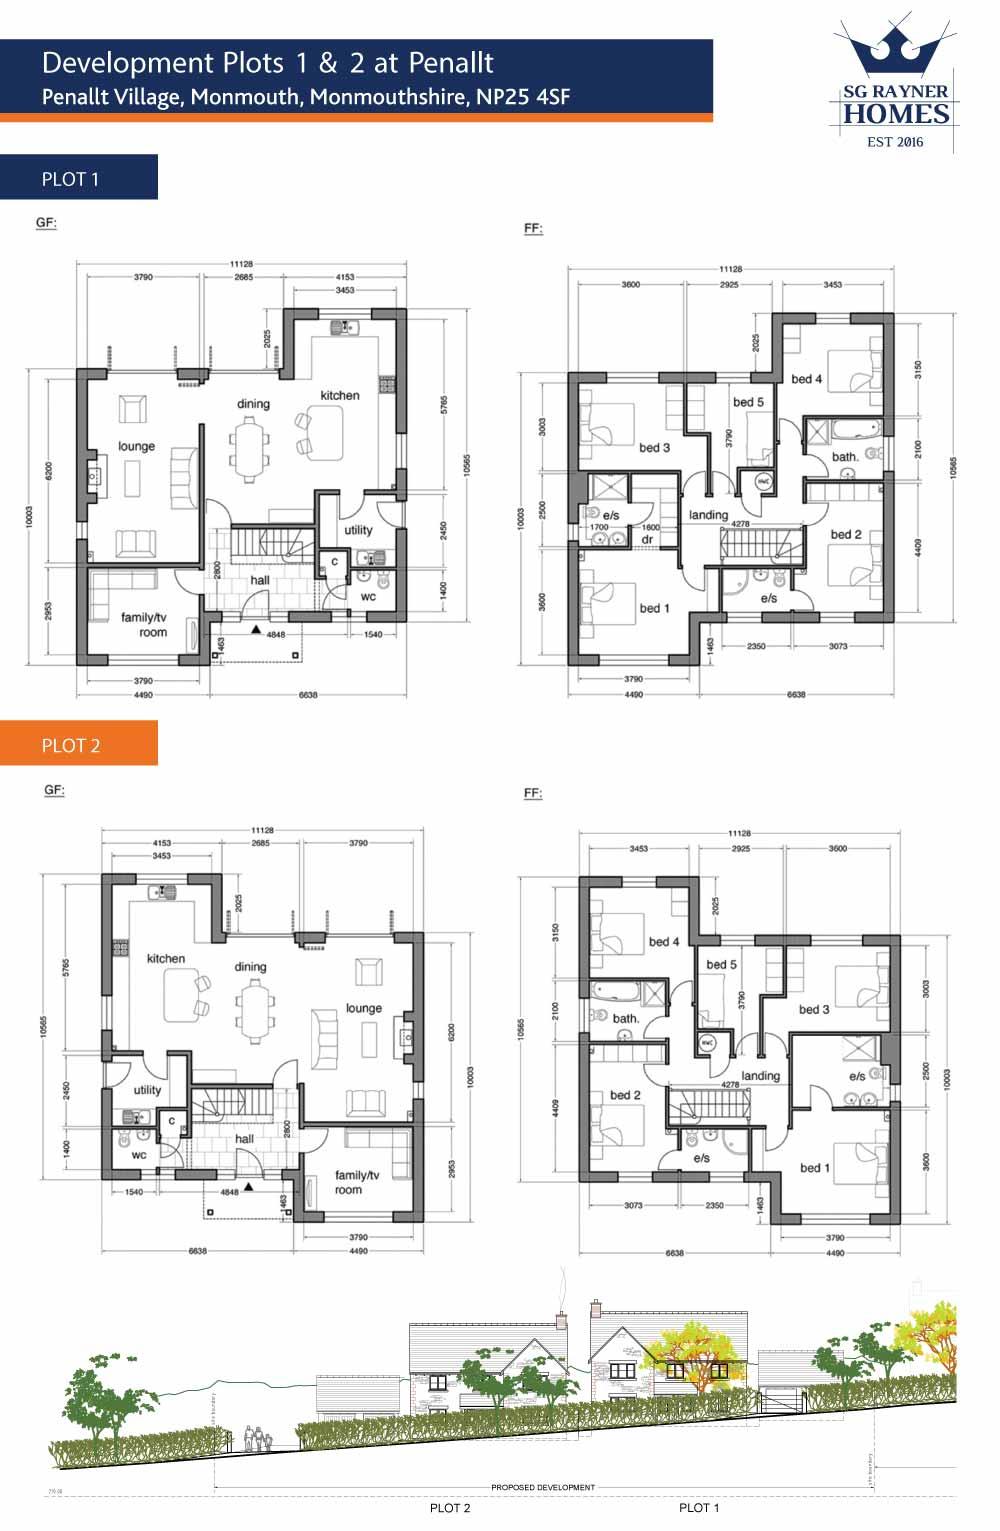 The Penallt Development - Plot Floor Plans